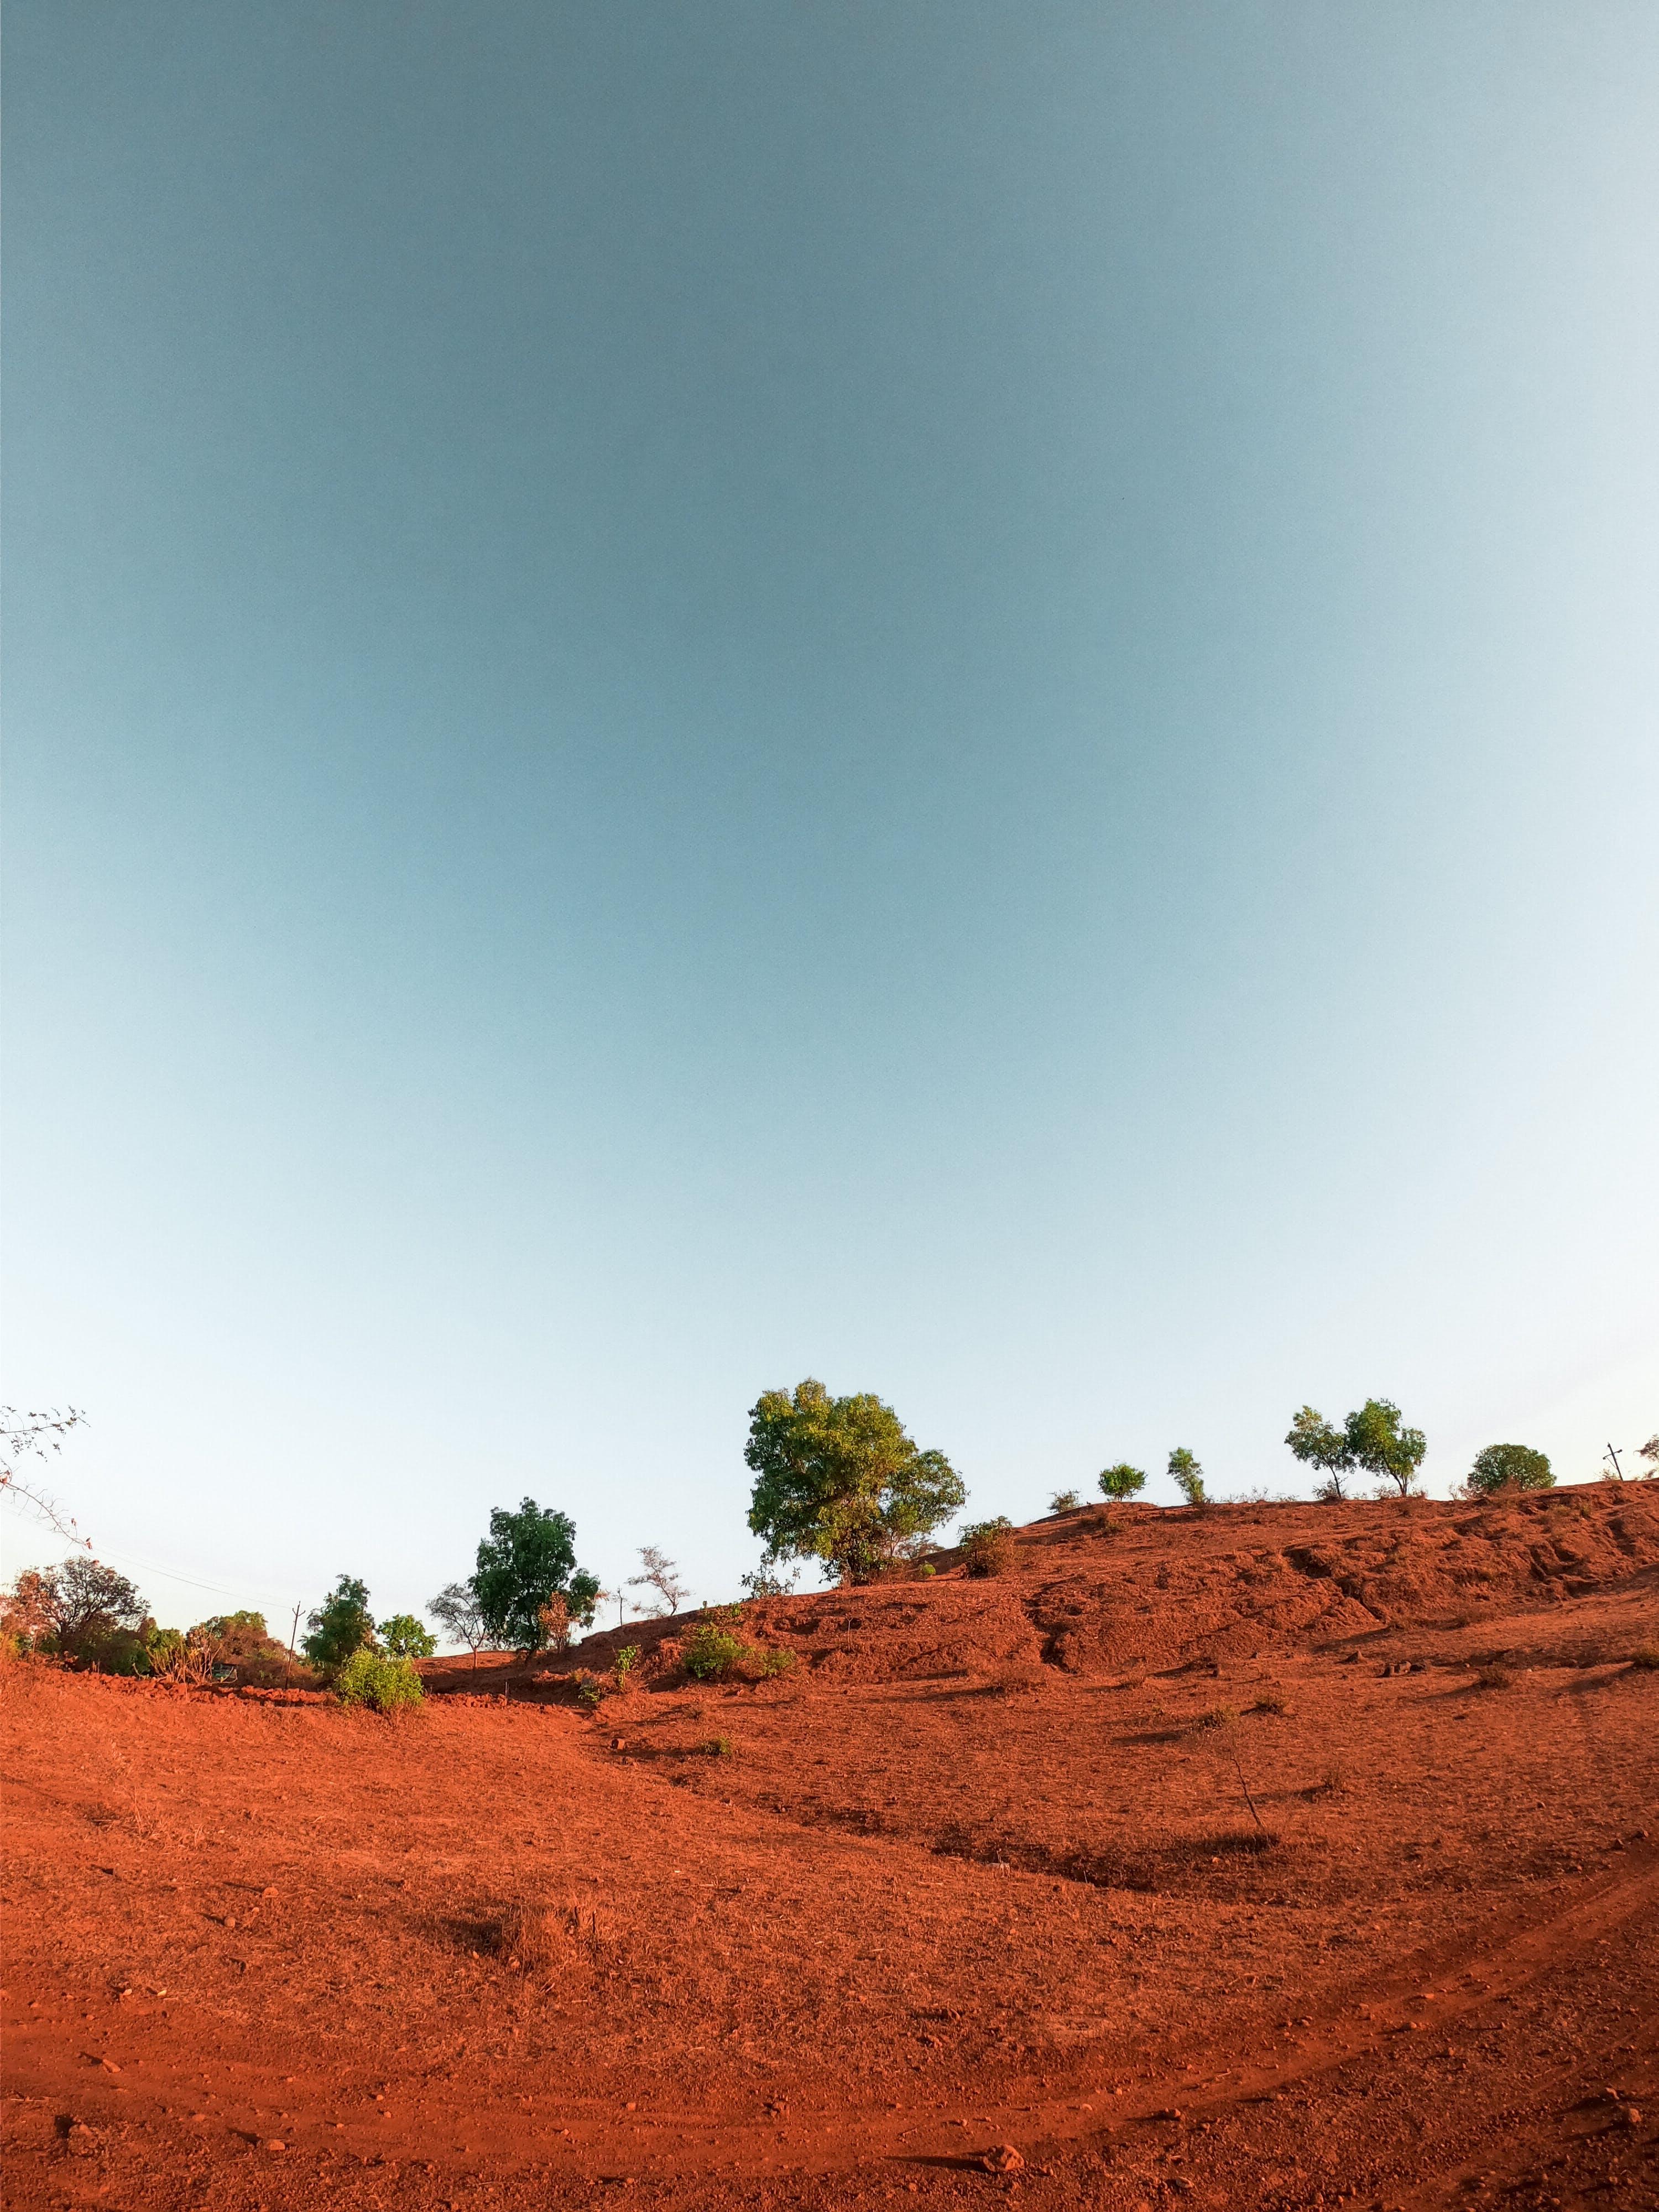 地球, 惑星, 美しい風景, 自然の美しさの無料の写真素材